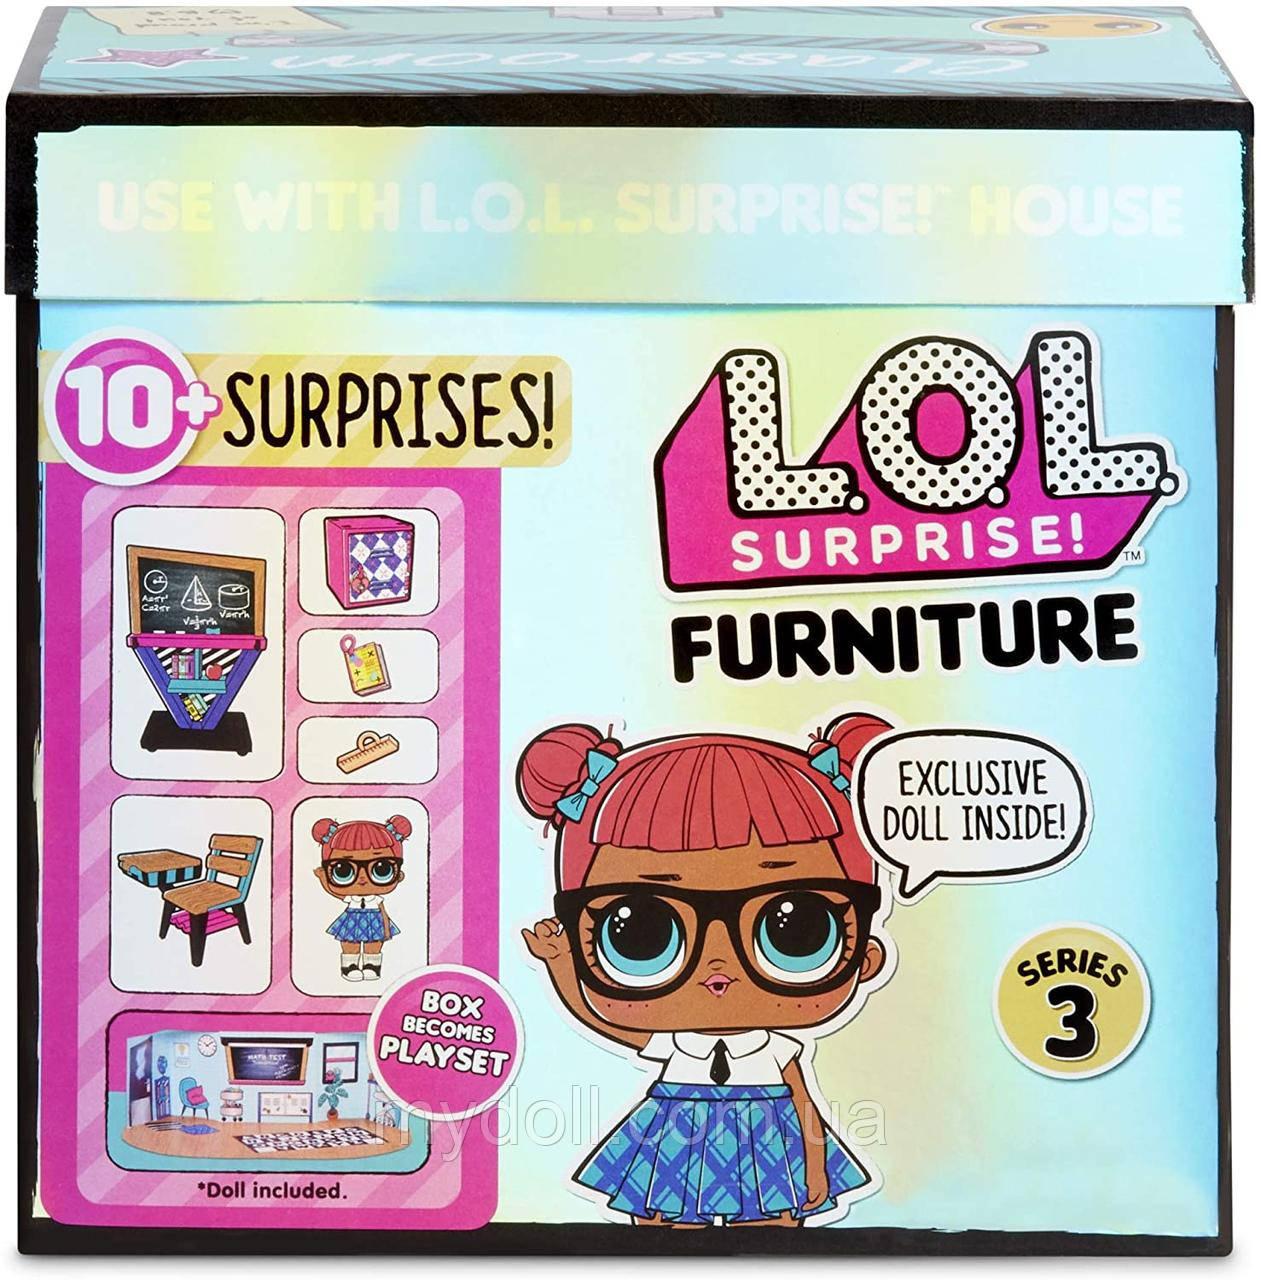 Ігровий набір Стильний інтер'єр з лялькою L. O. L. Surprise! Furniture 3 серія 570028 Клас Розумниці